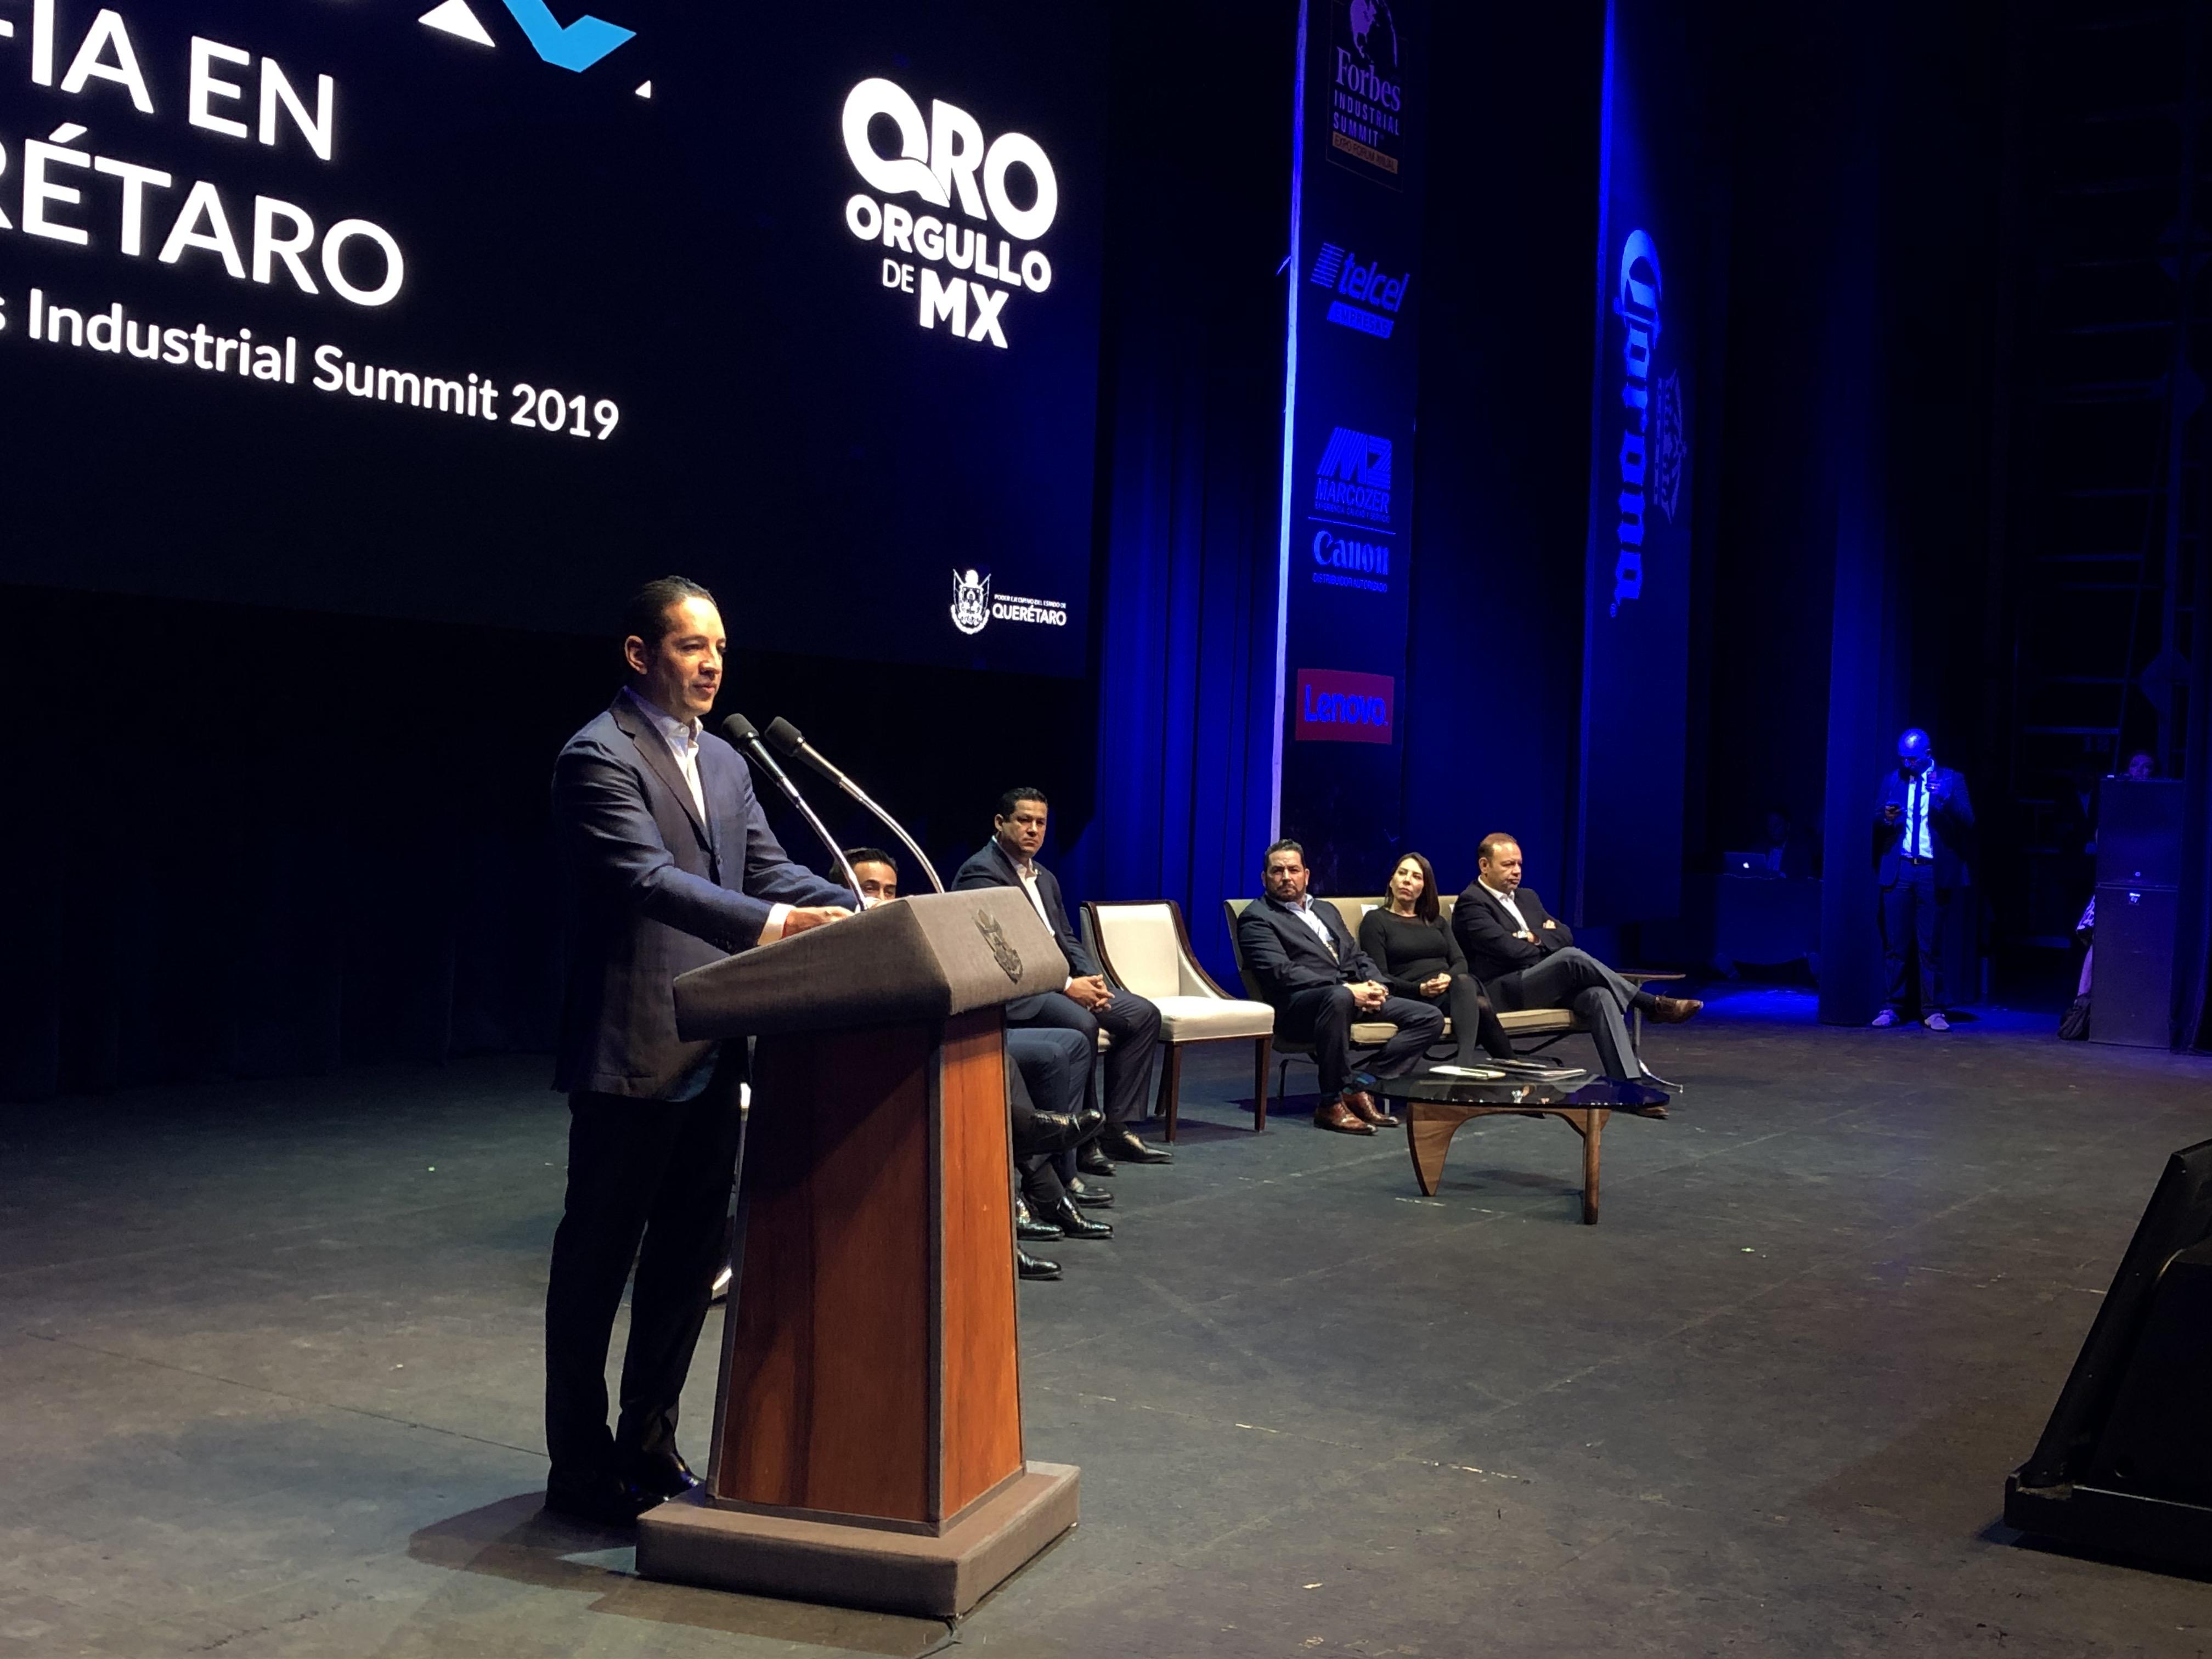 """Presentan en Querétaro el """"Forbes Industrial Summit 2019"""""""